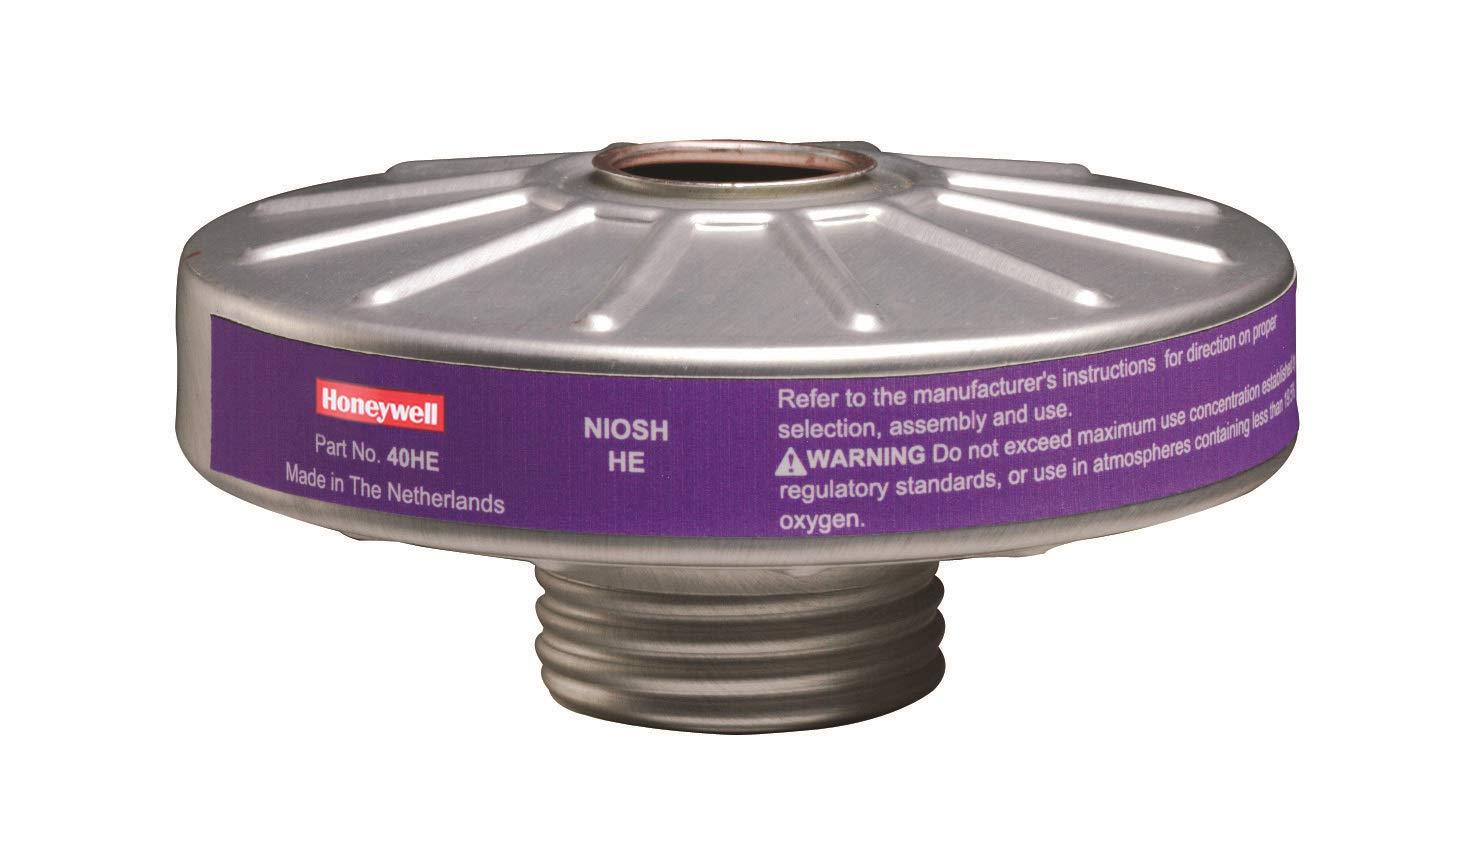 Honeywell North 40HE Filtro Hepa purificador de aire de partículas, estándar, plateado/morado (paquete de 12): Amazon.es: Amazon.es